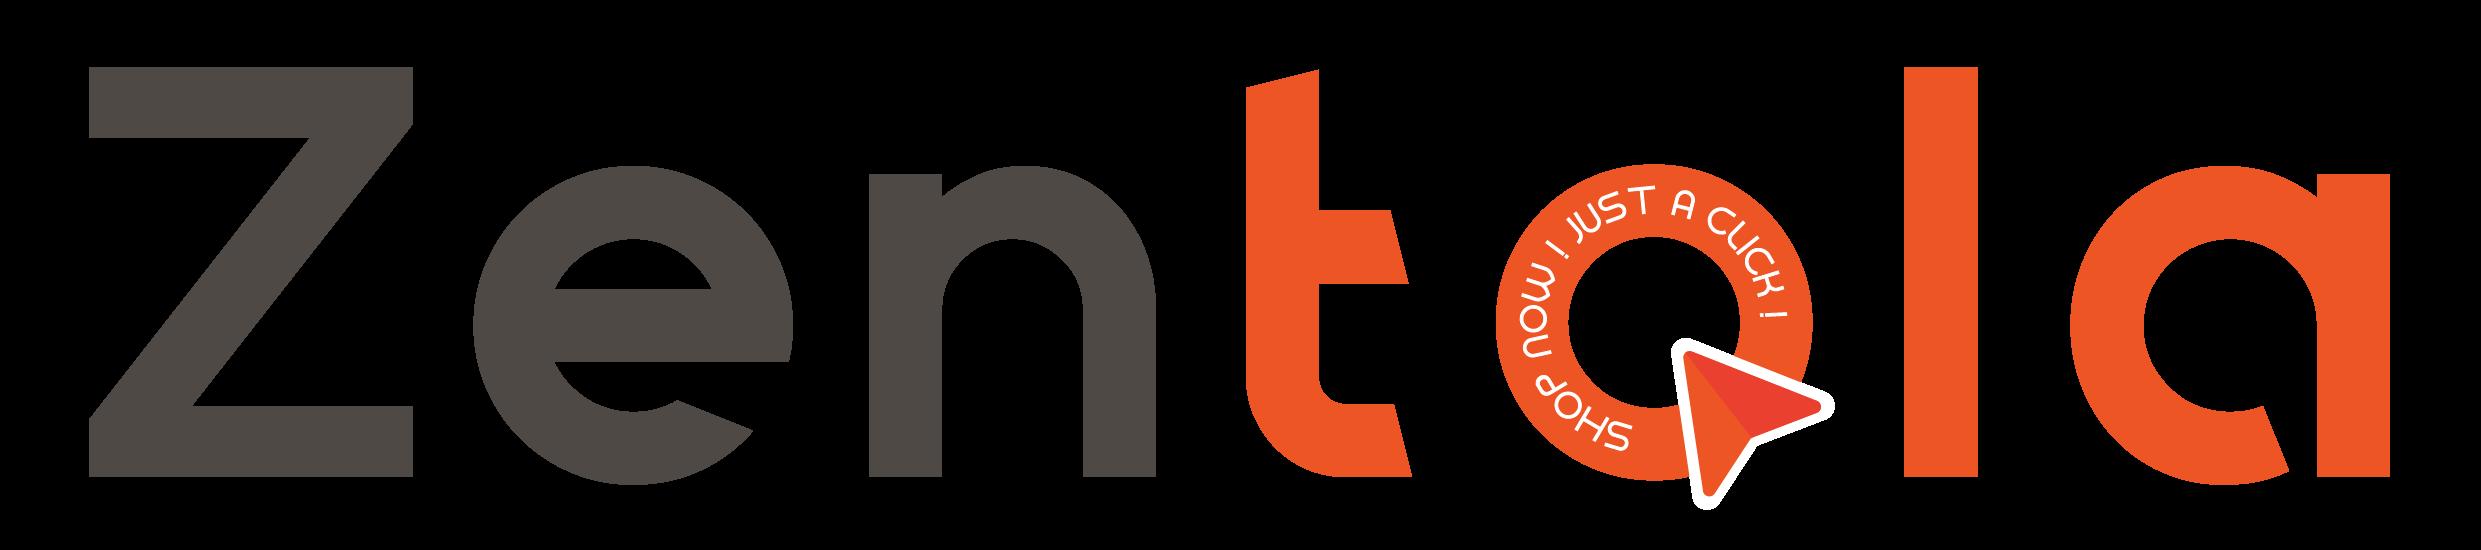 Zentola